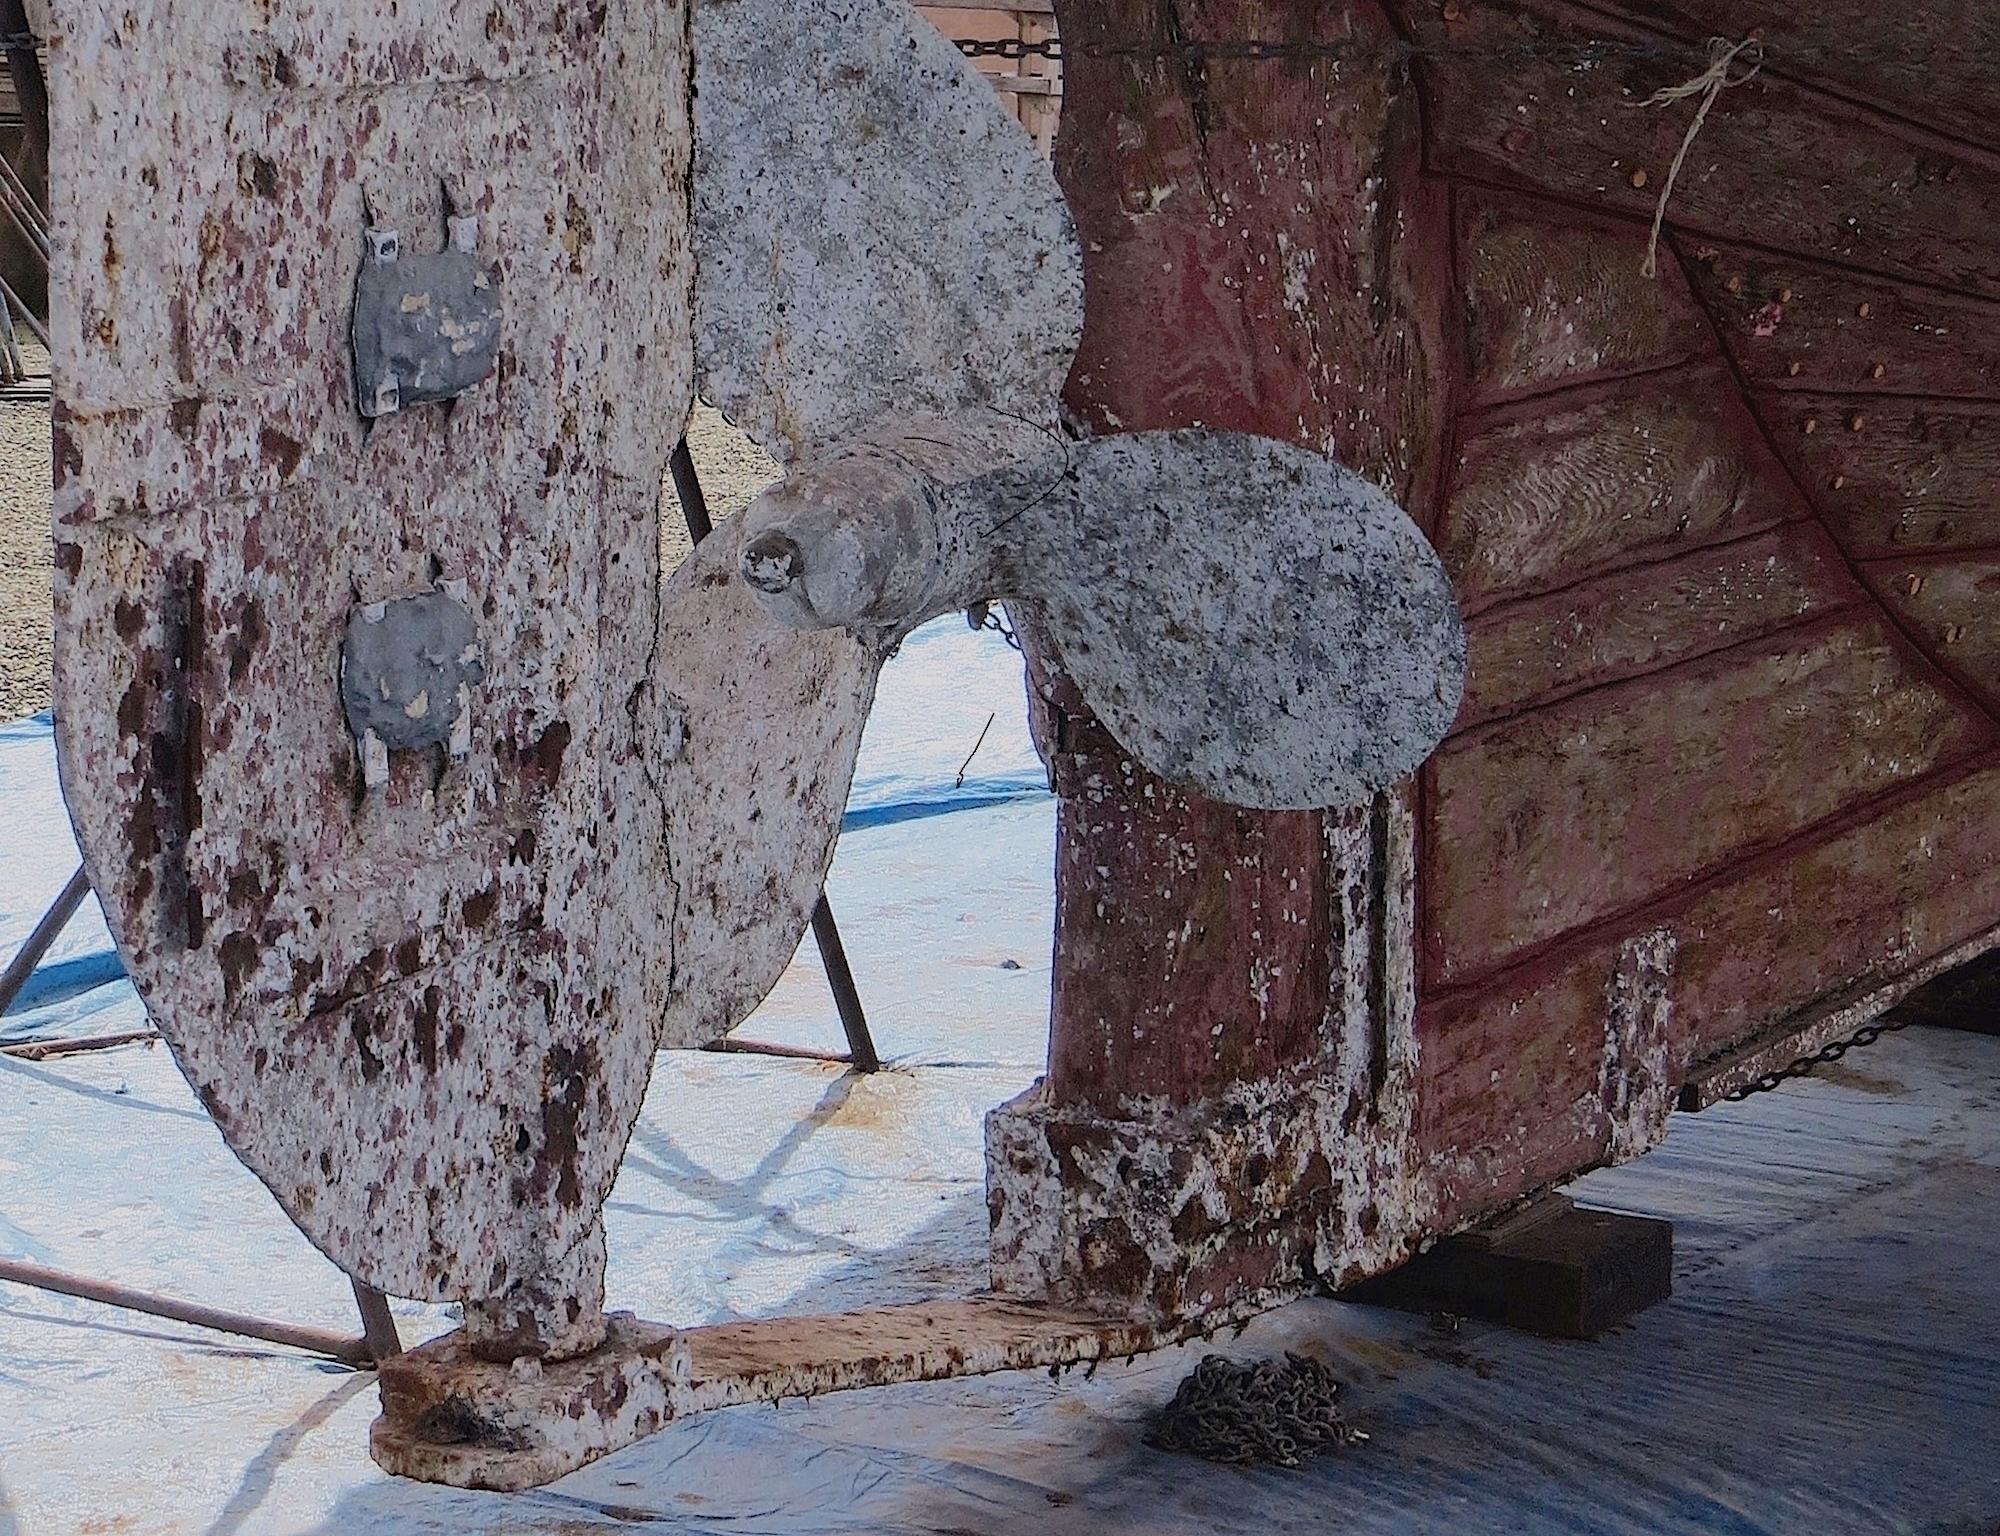 boat repaired. rehabilitated. P - dave63 | ello